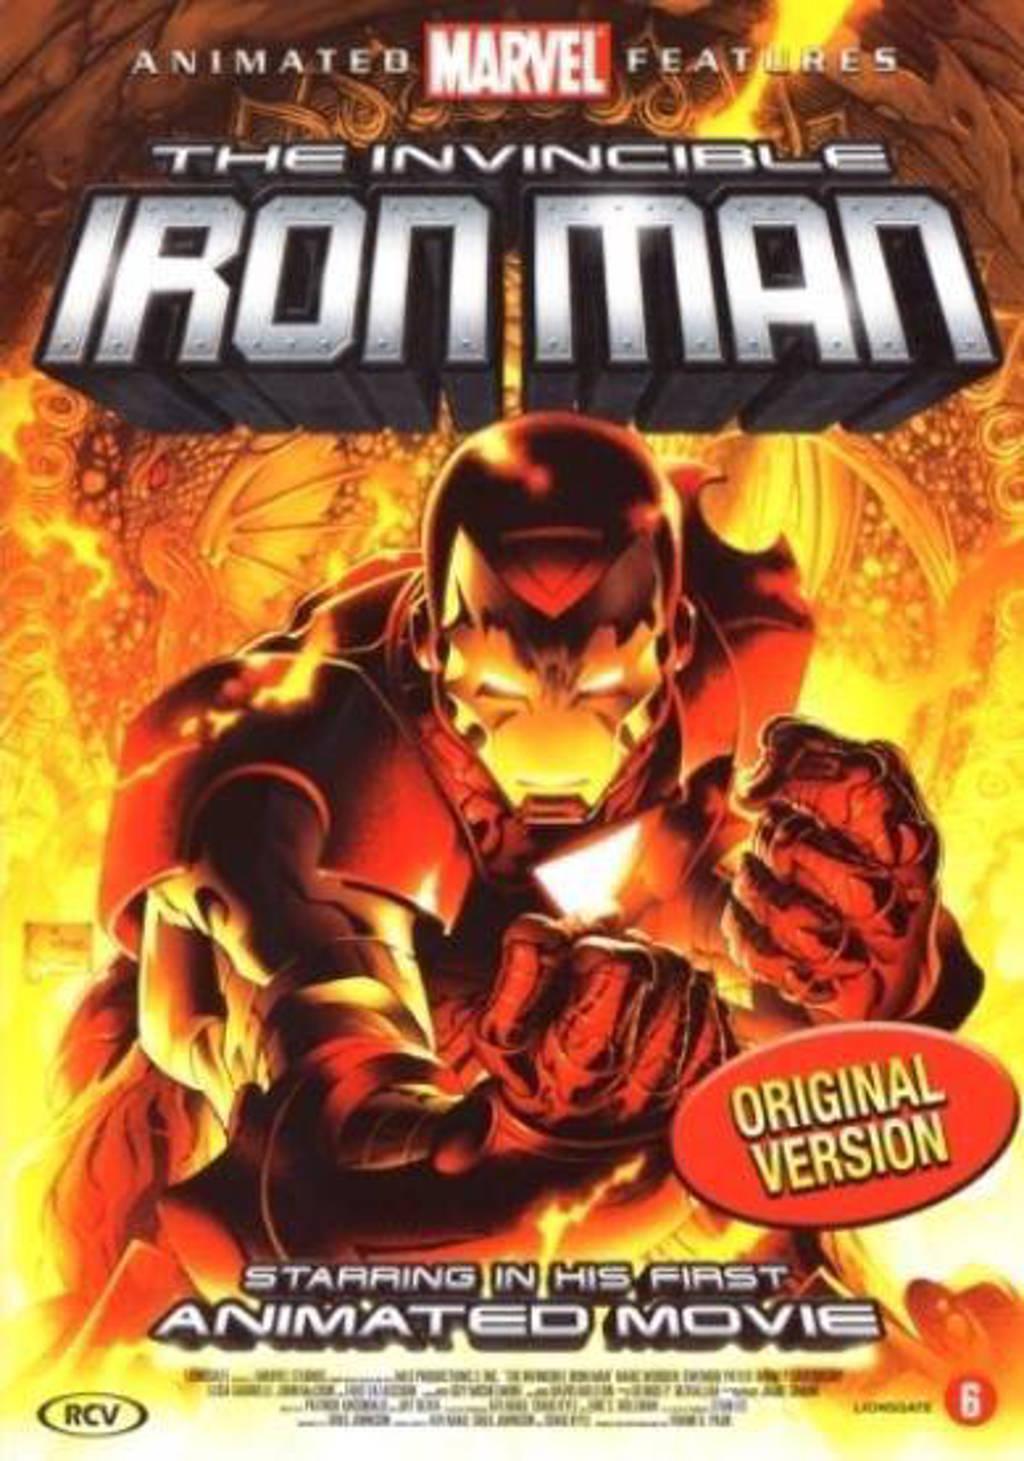 Invincible iron man (DVD)